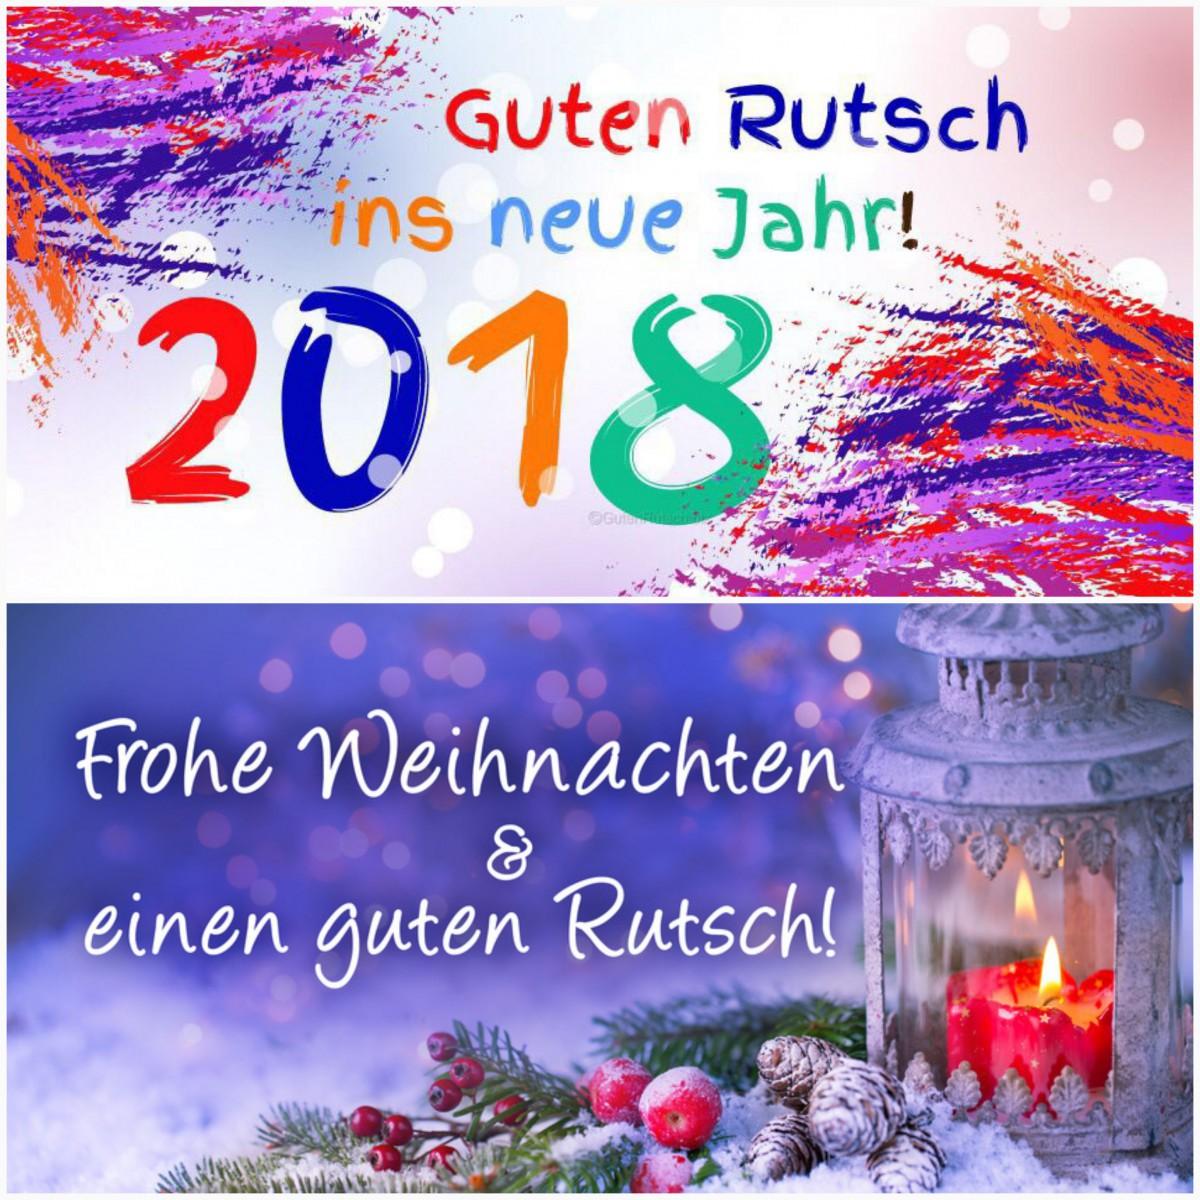 Frohe Weihnachten Guten Rutsch Ins Neue Jahr.Frohe Weihnachten Und Ein Guten Rutsch Ins Neue Jahr